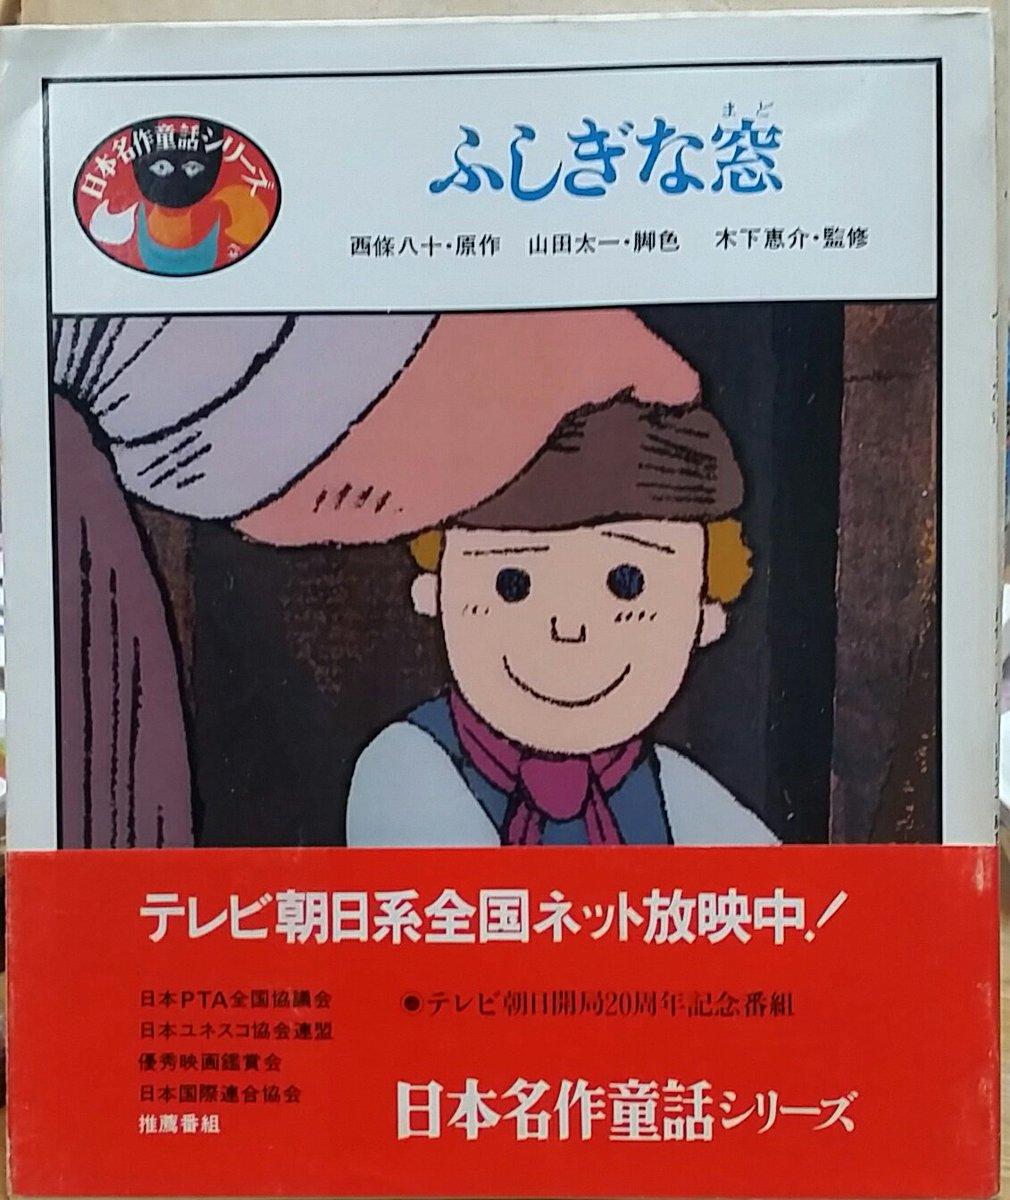 山田太一氏の児童向け作品には、古いアニメに有名な『カリメロ』と絵本にもなった『ふしぎな窓』の脚本があり、また、黒井健画・